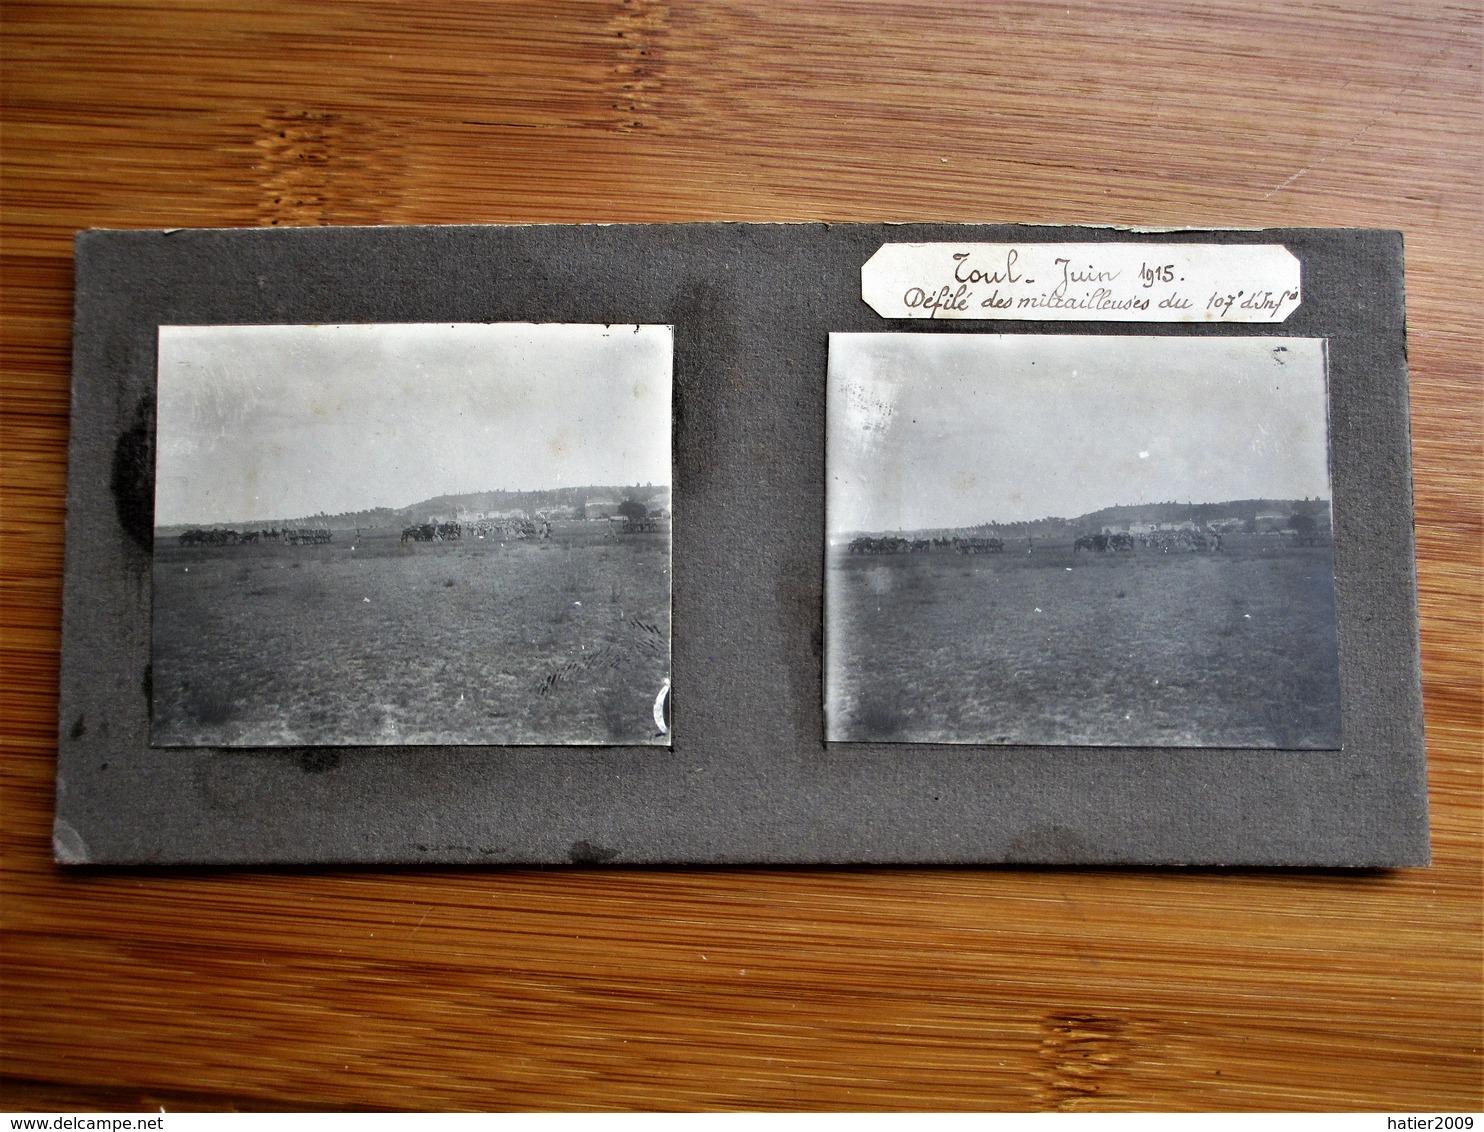 33/41 Photo Stéréoscopique Guerre 14/18 - TOUL Juin 1915 Défilé Des Mitrailleuses Du 107 Eme - Photos Stéréoscopiques